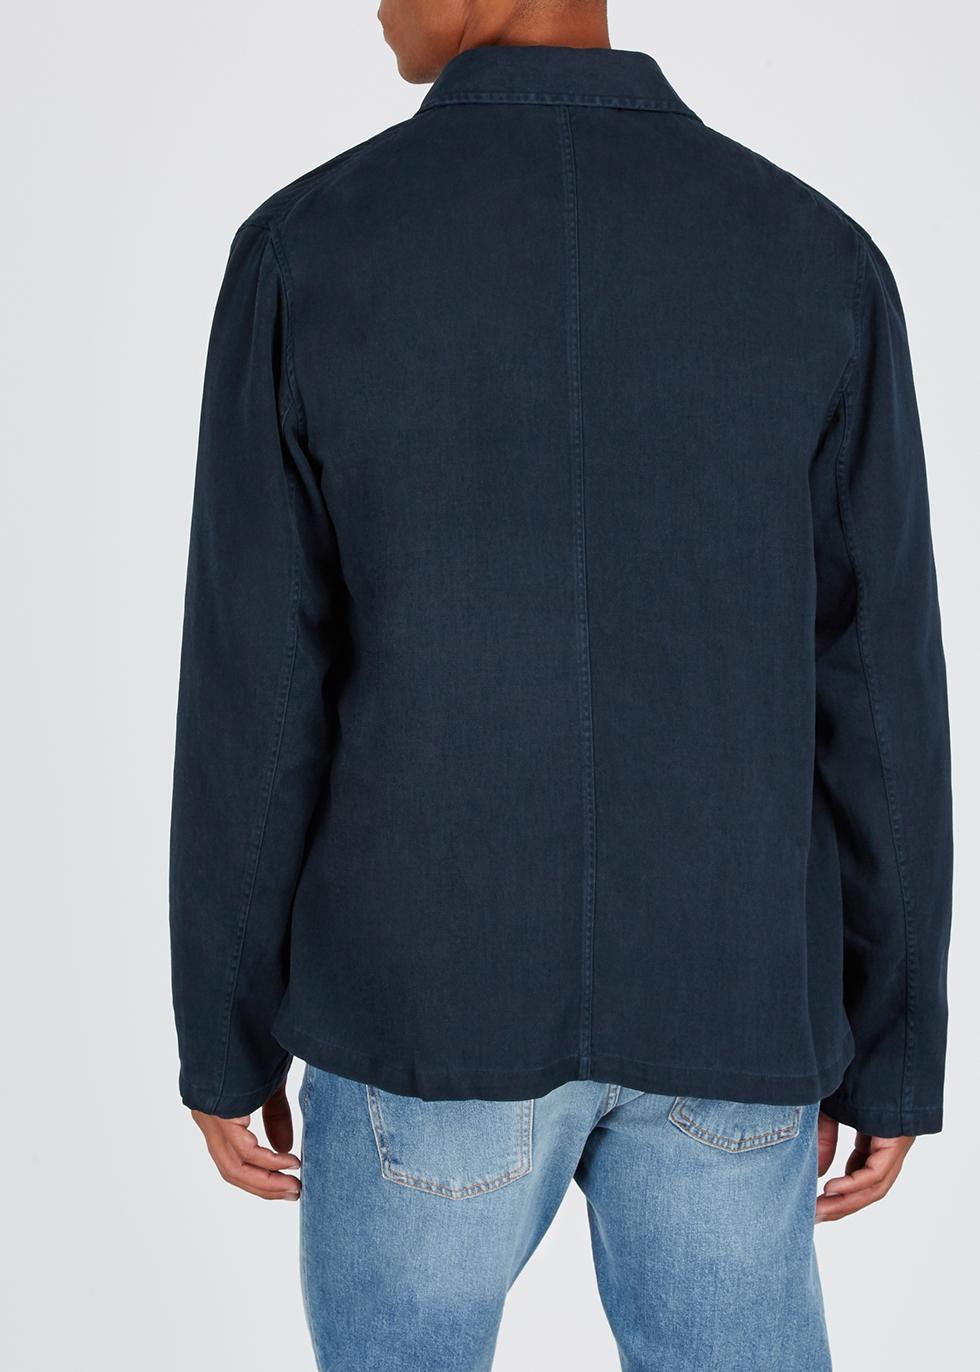 Oscar brushed twill jacket - NN07